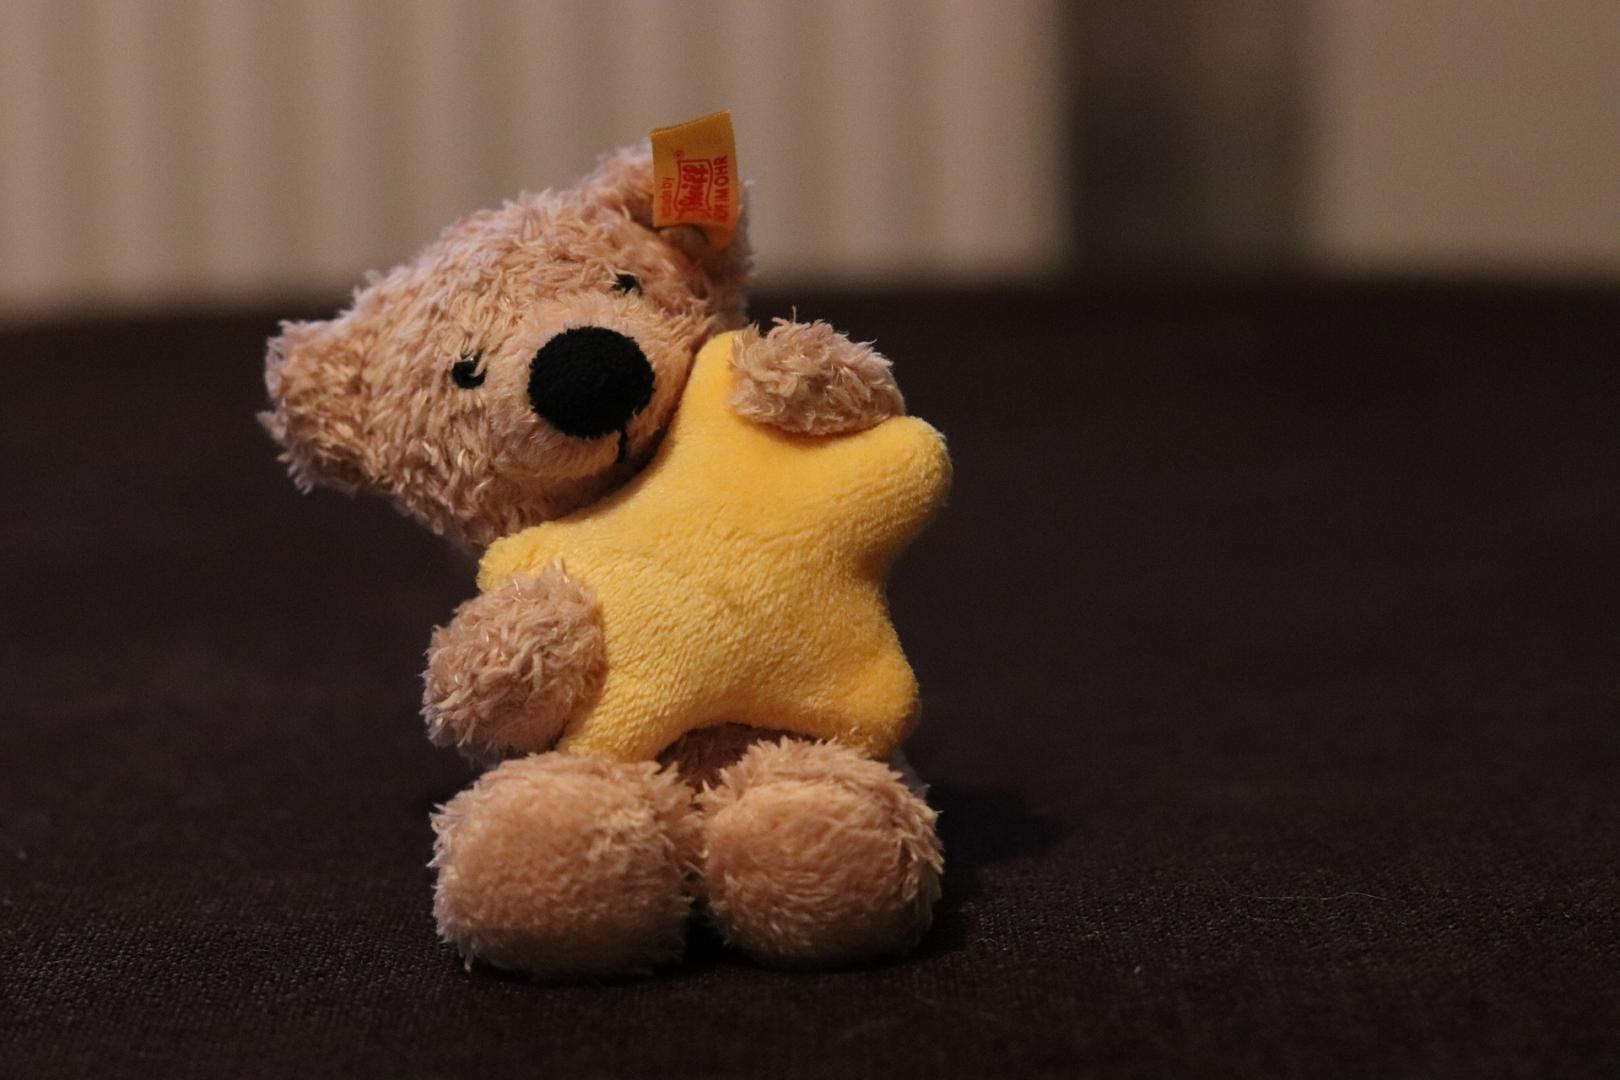 Das große Glück finden - Kurioses zum Thema reich werden teddy-2845134_1920